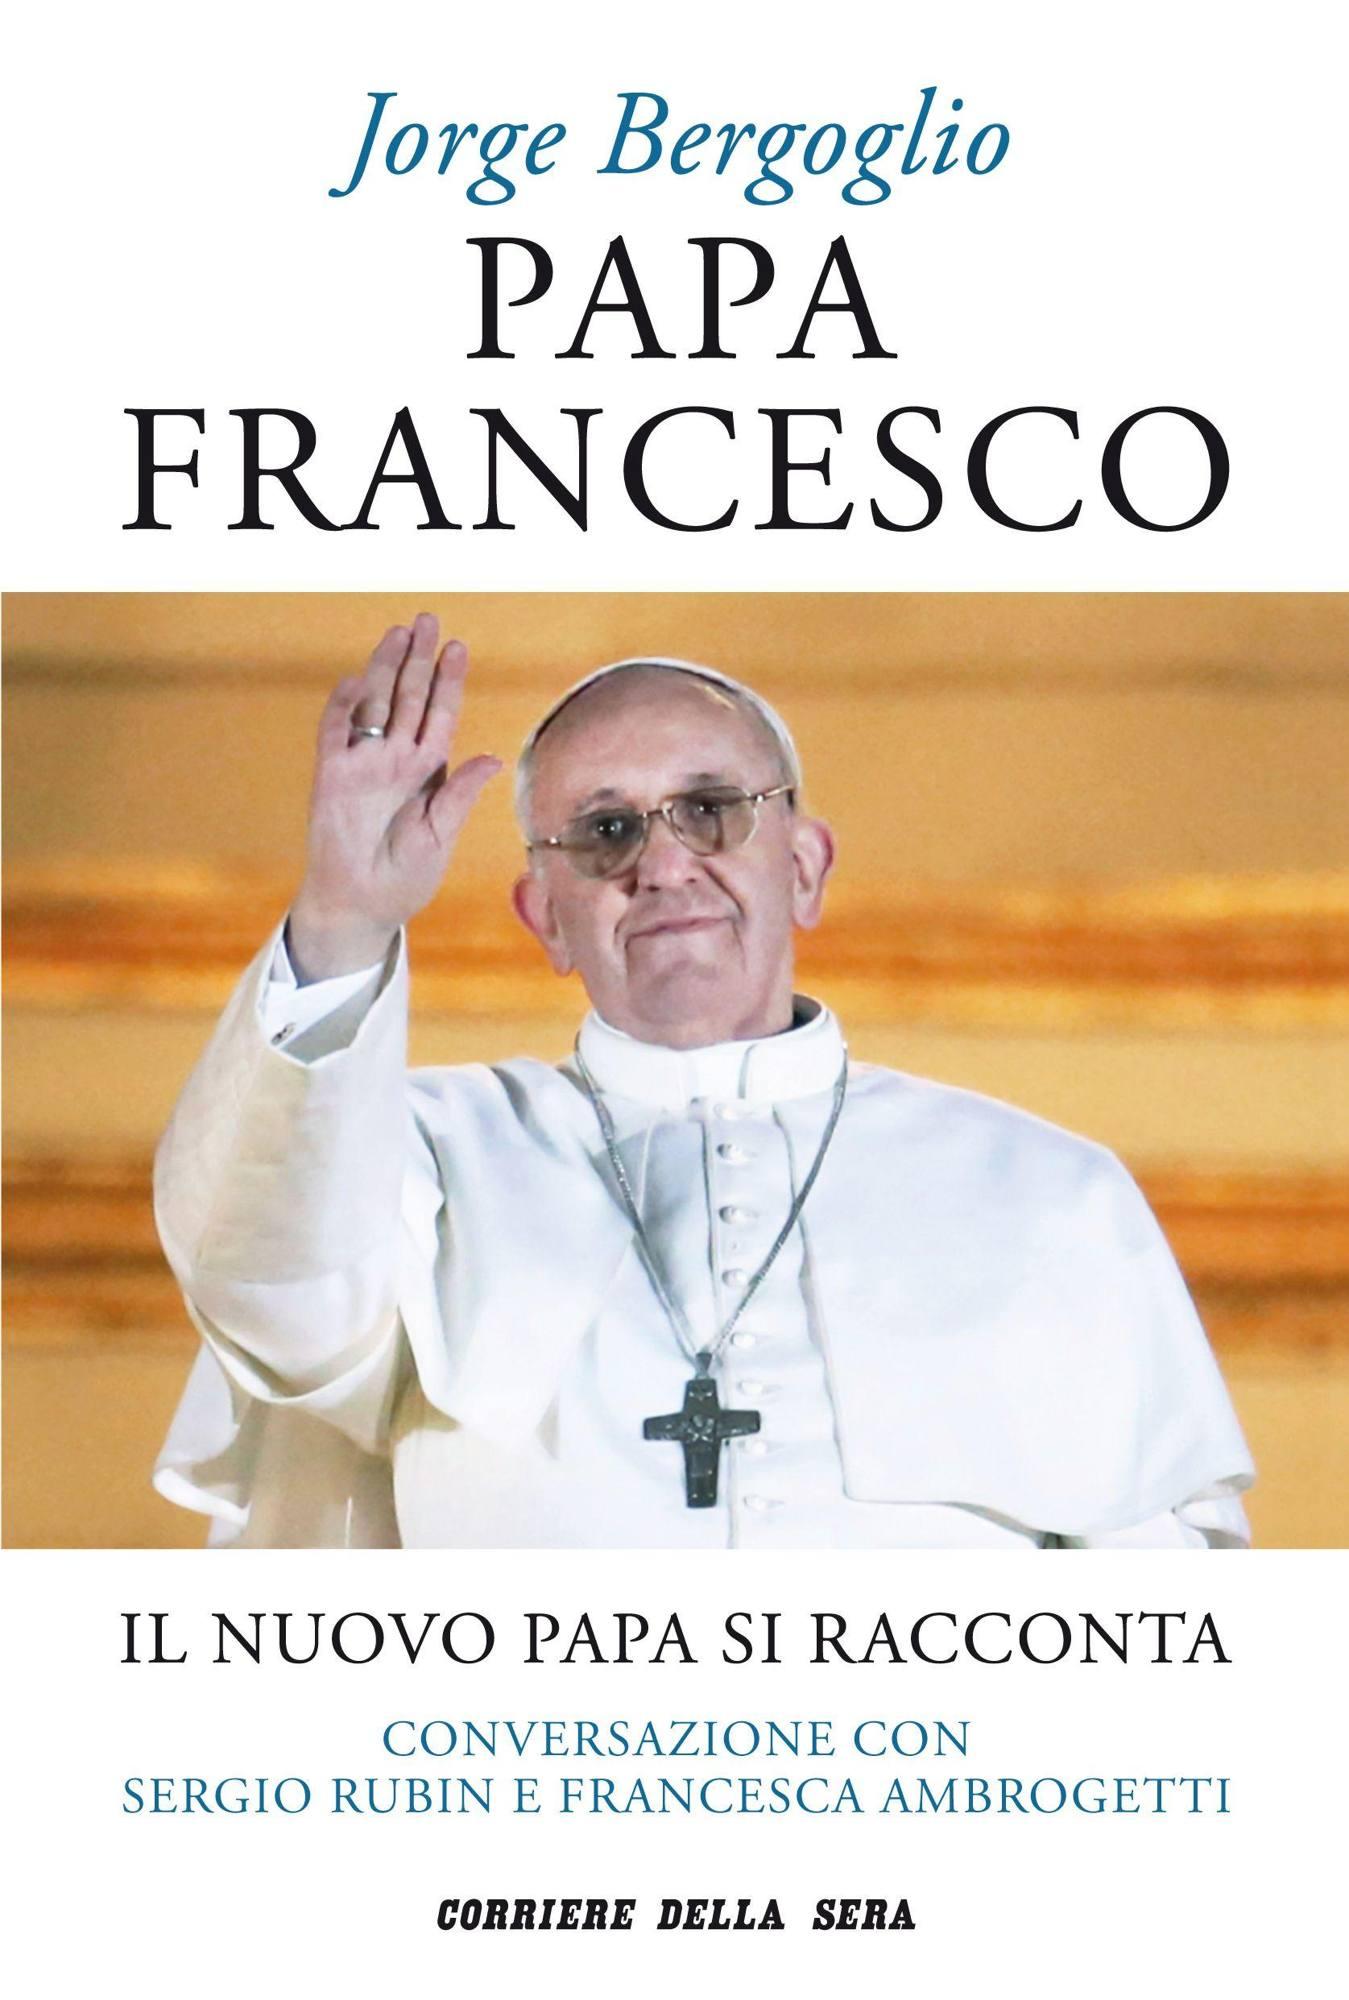 La copertina del libro in edicola con il corriere dal 28 marzo